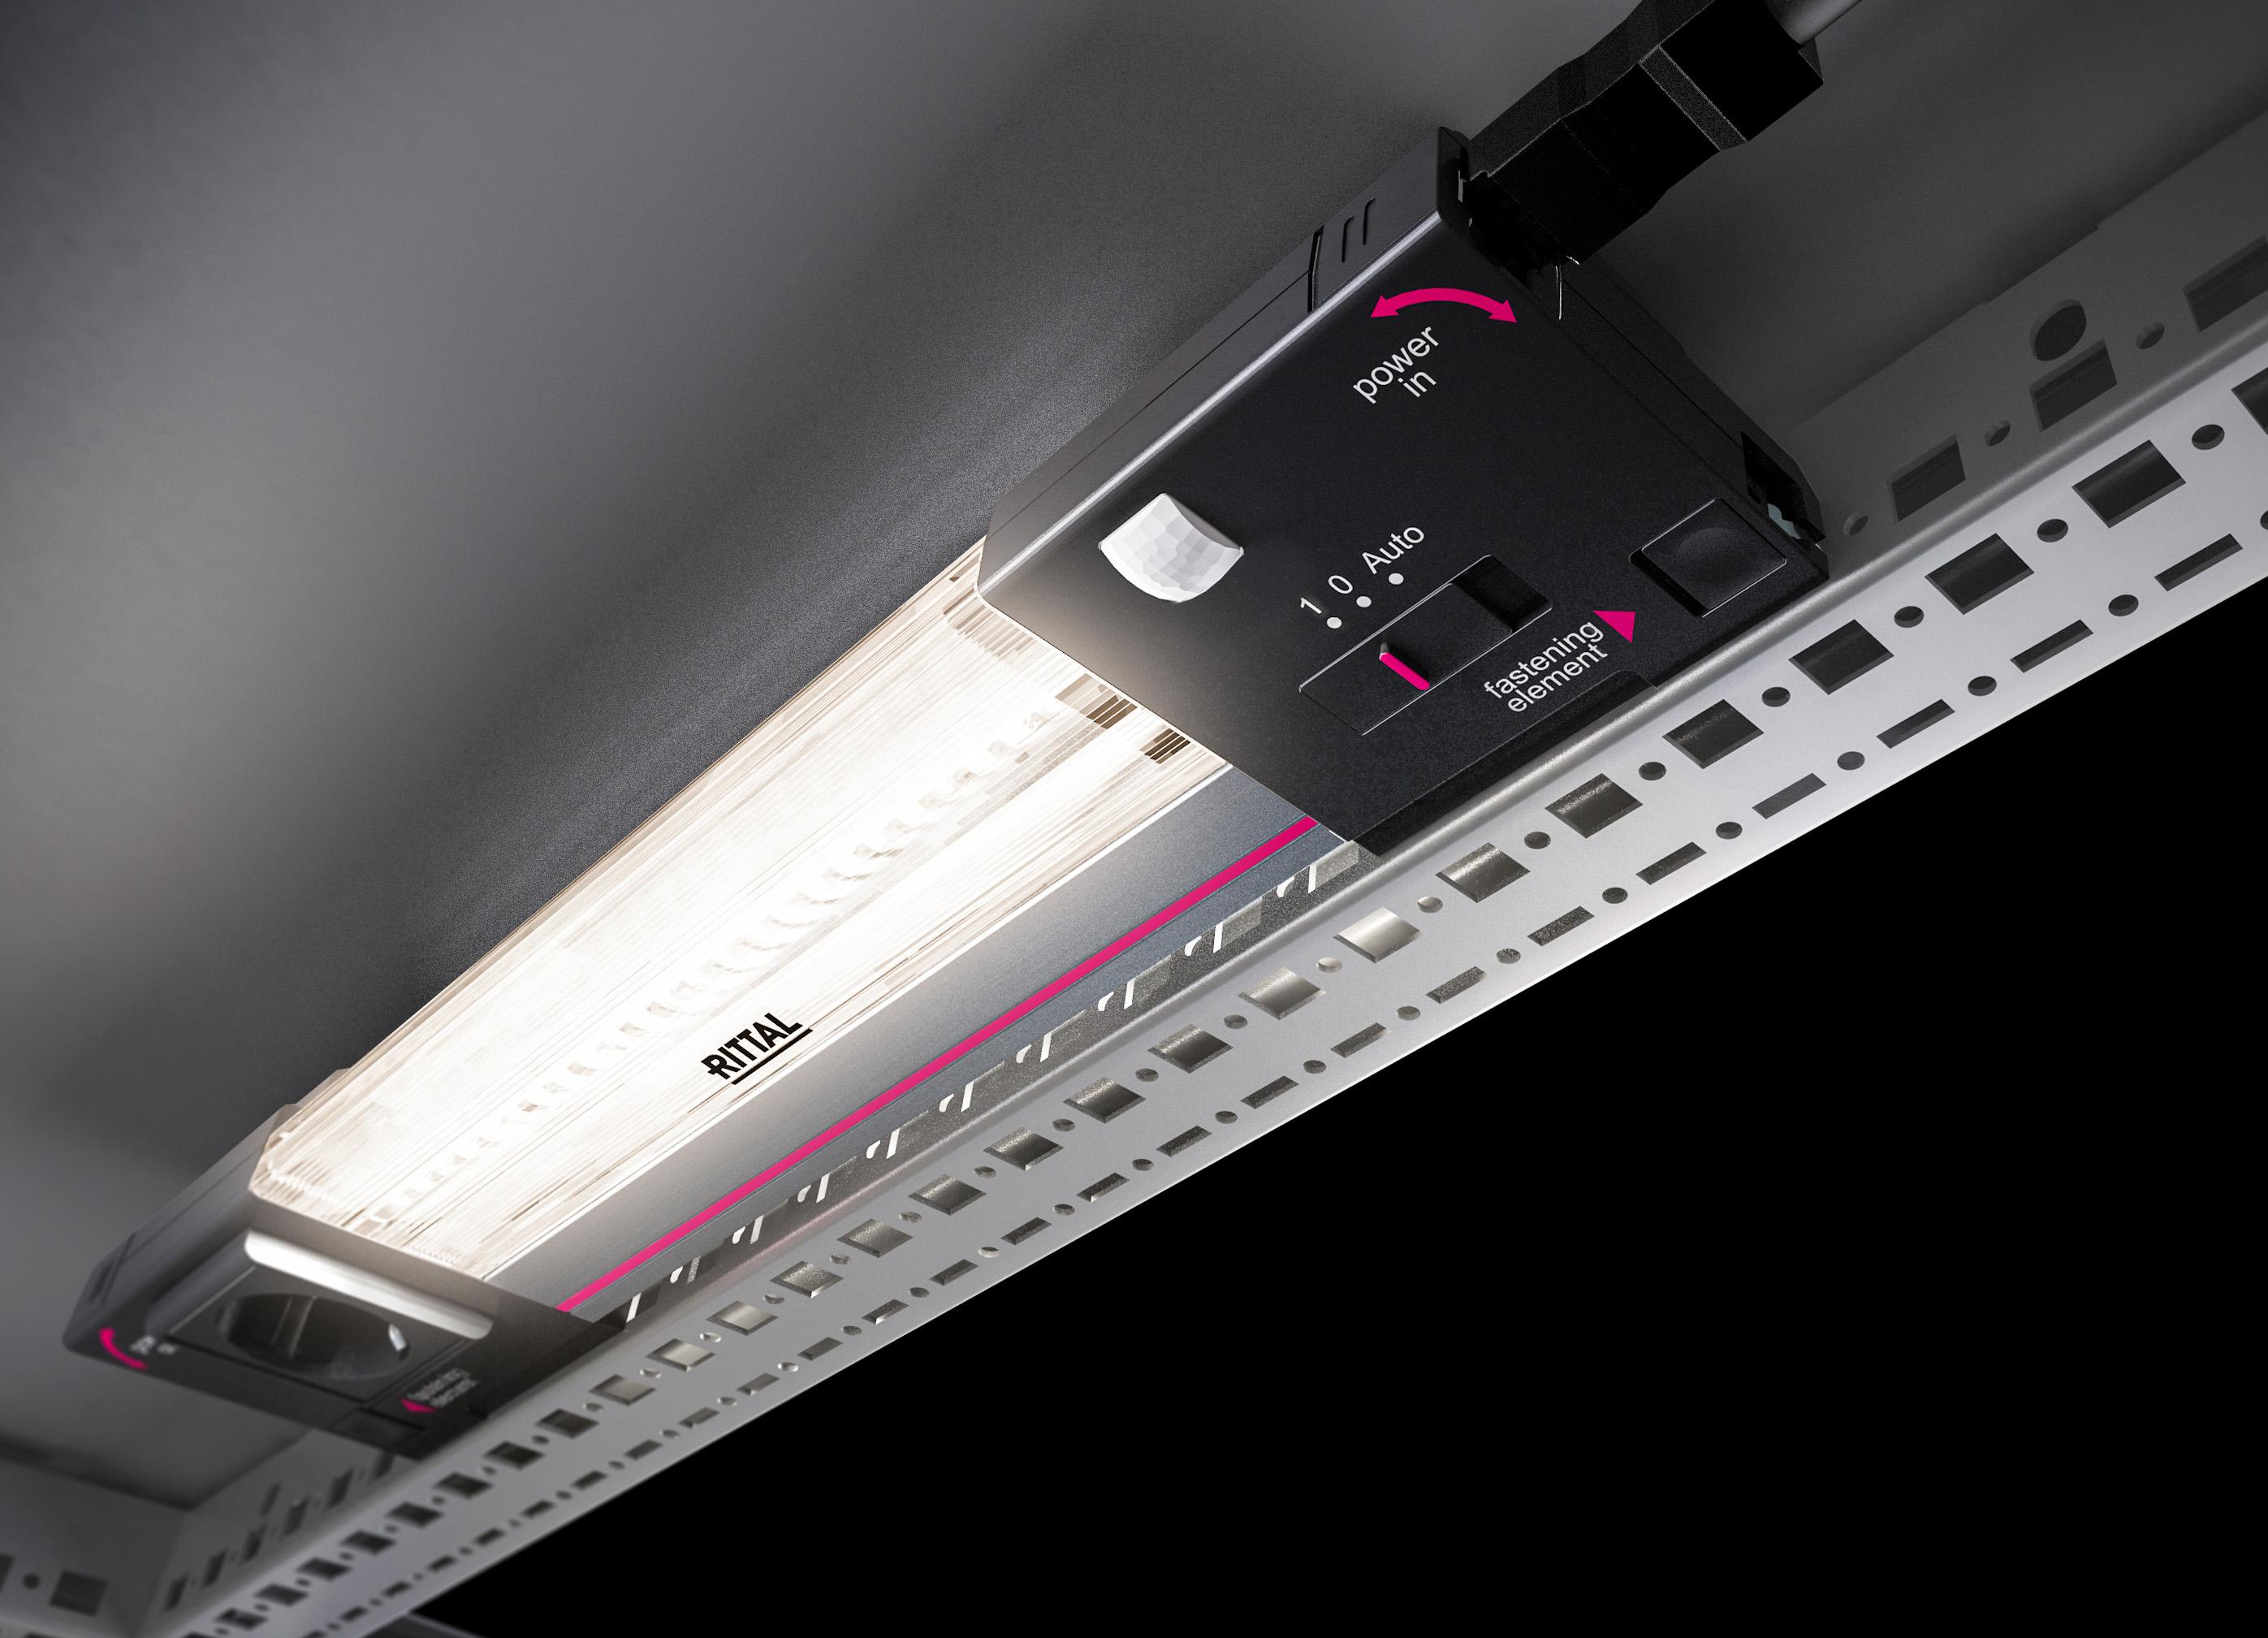 Rittal entwickelt neue Schaltschrank-Leuchten | Rittal - Das System.